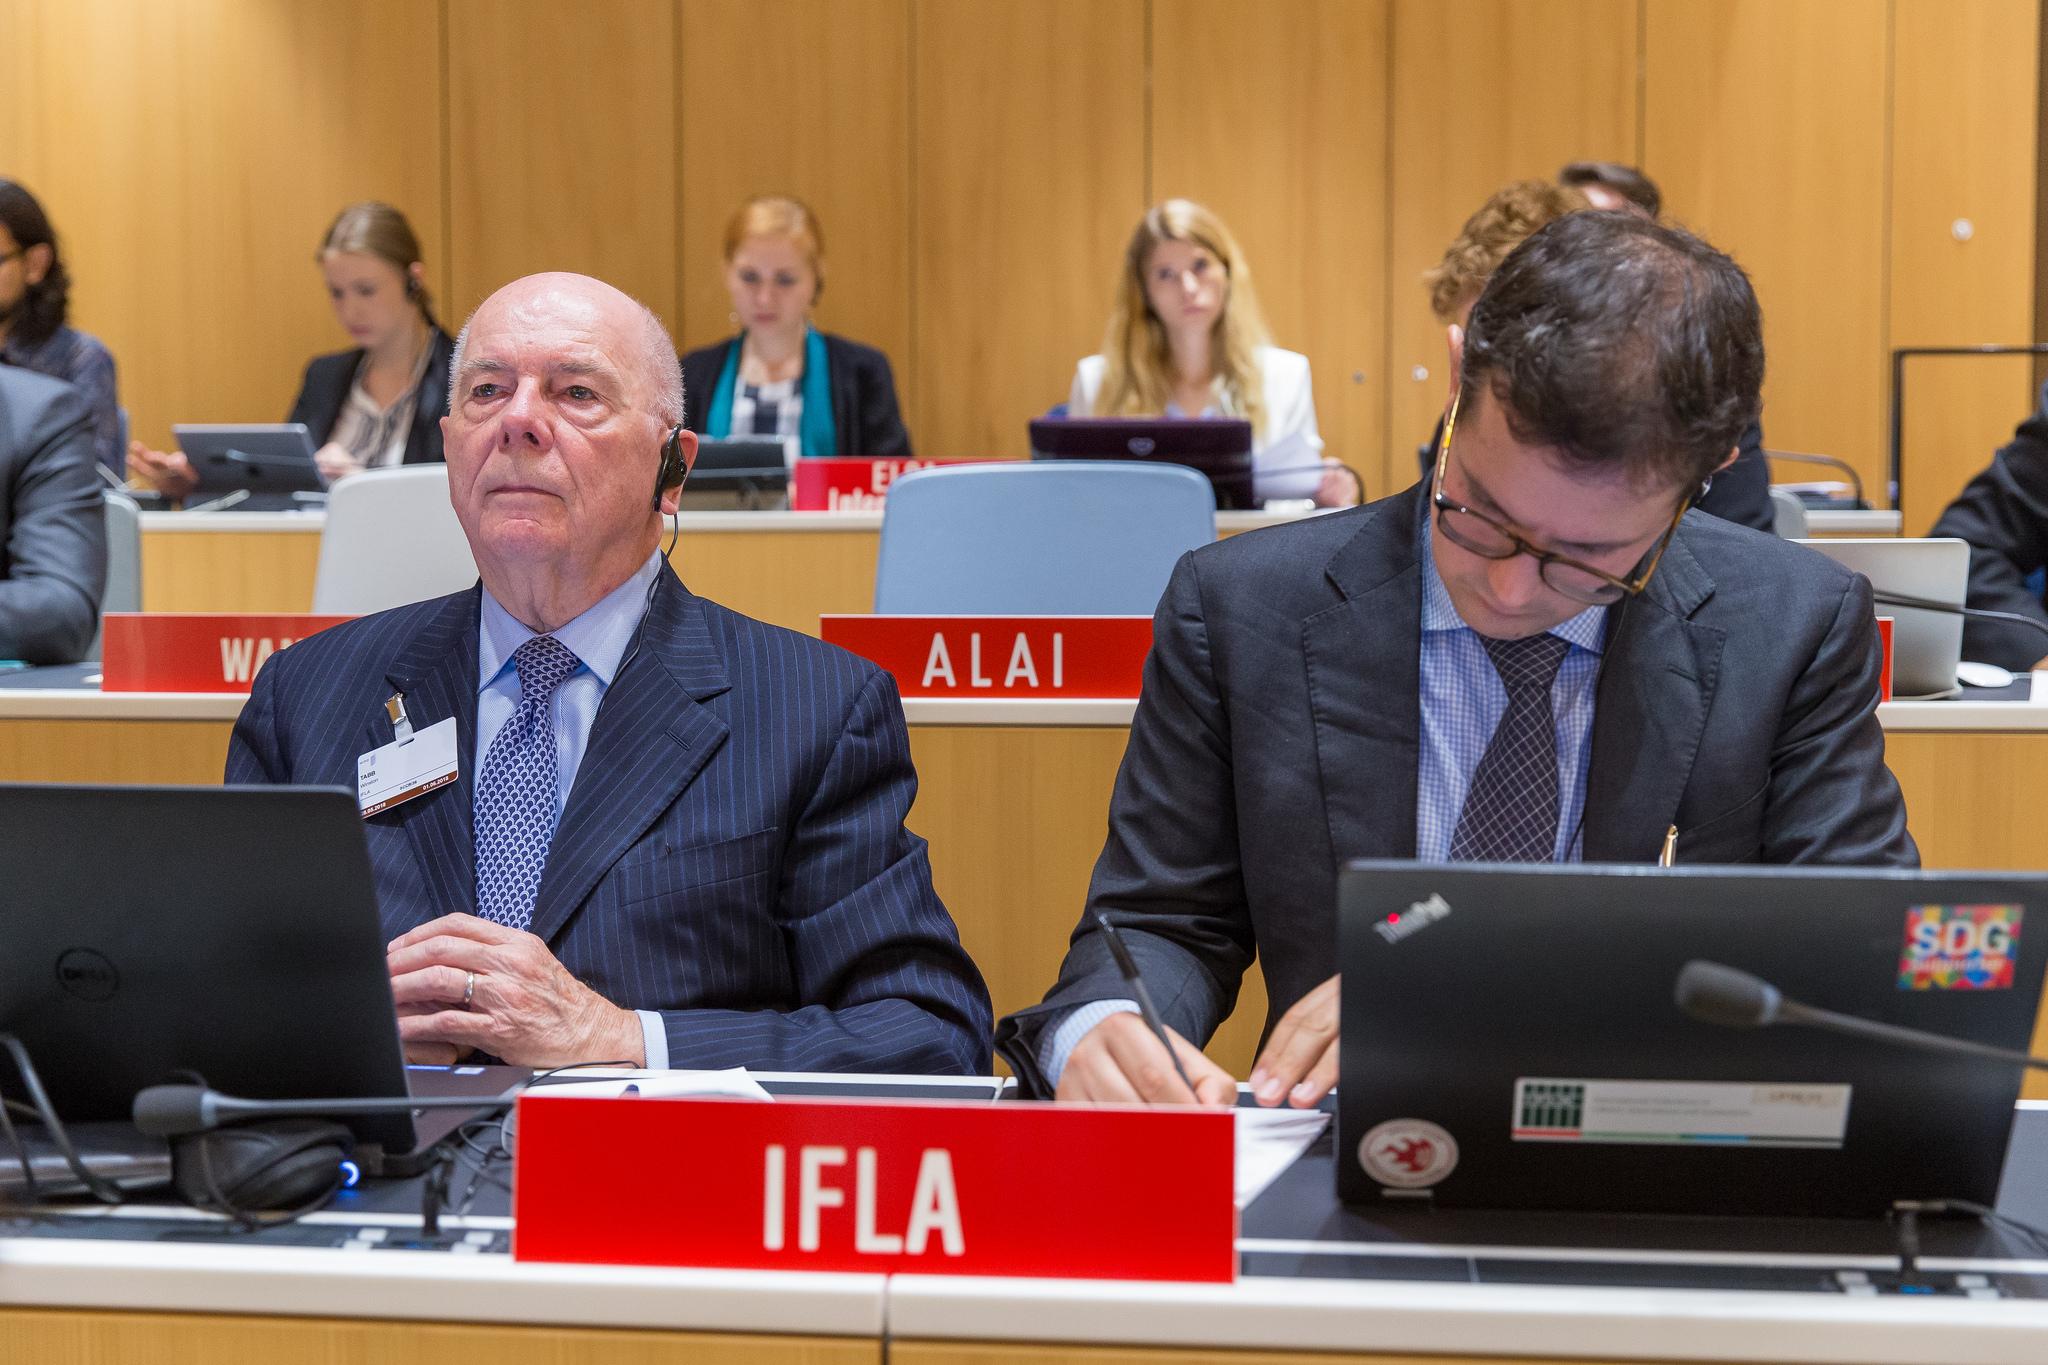 Winston Tabb, coordinador de IFLA en el SCCR y Stephen Wyber, gestor de políticas y advocacy de IFLA en el SCCR36